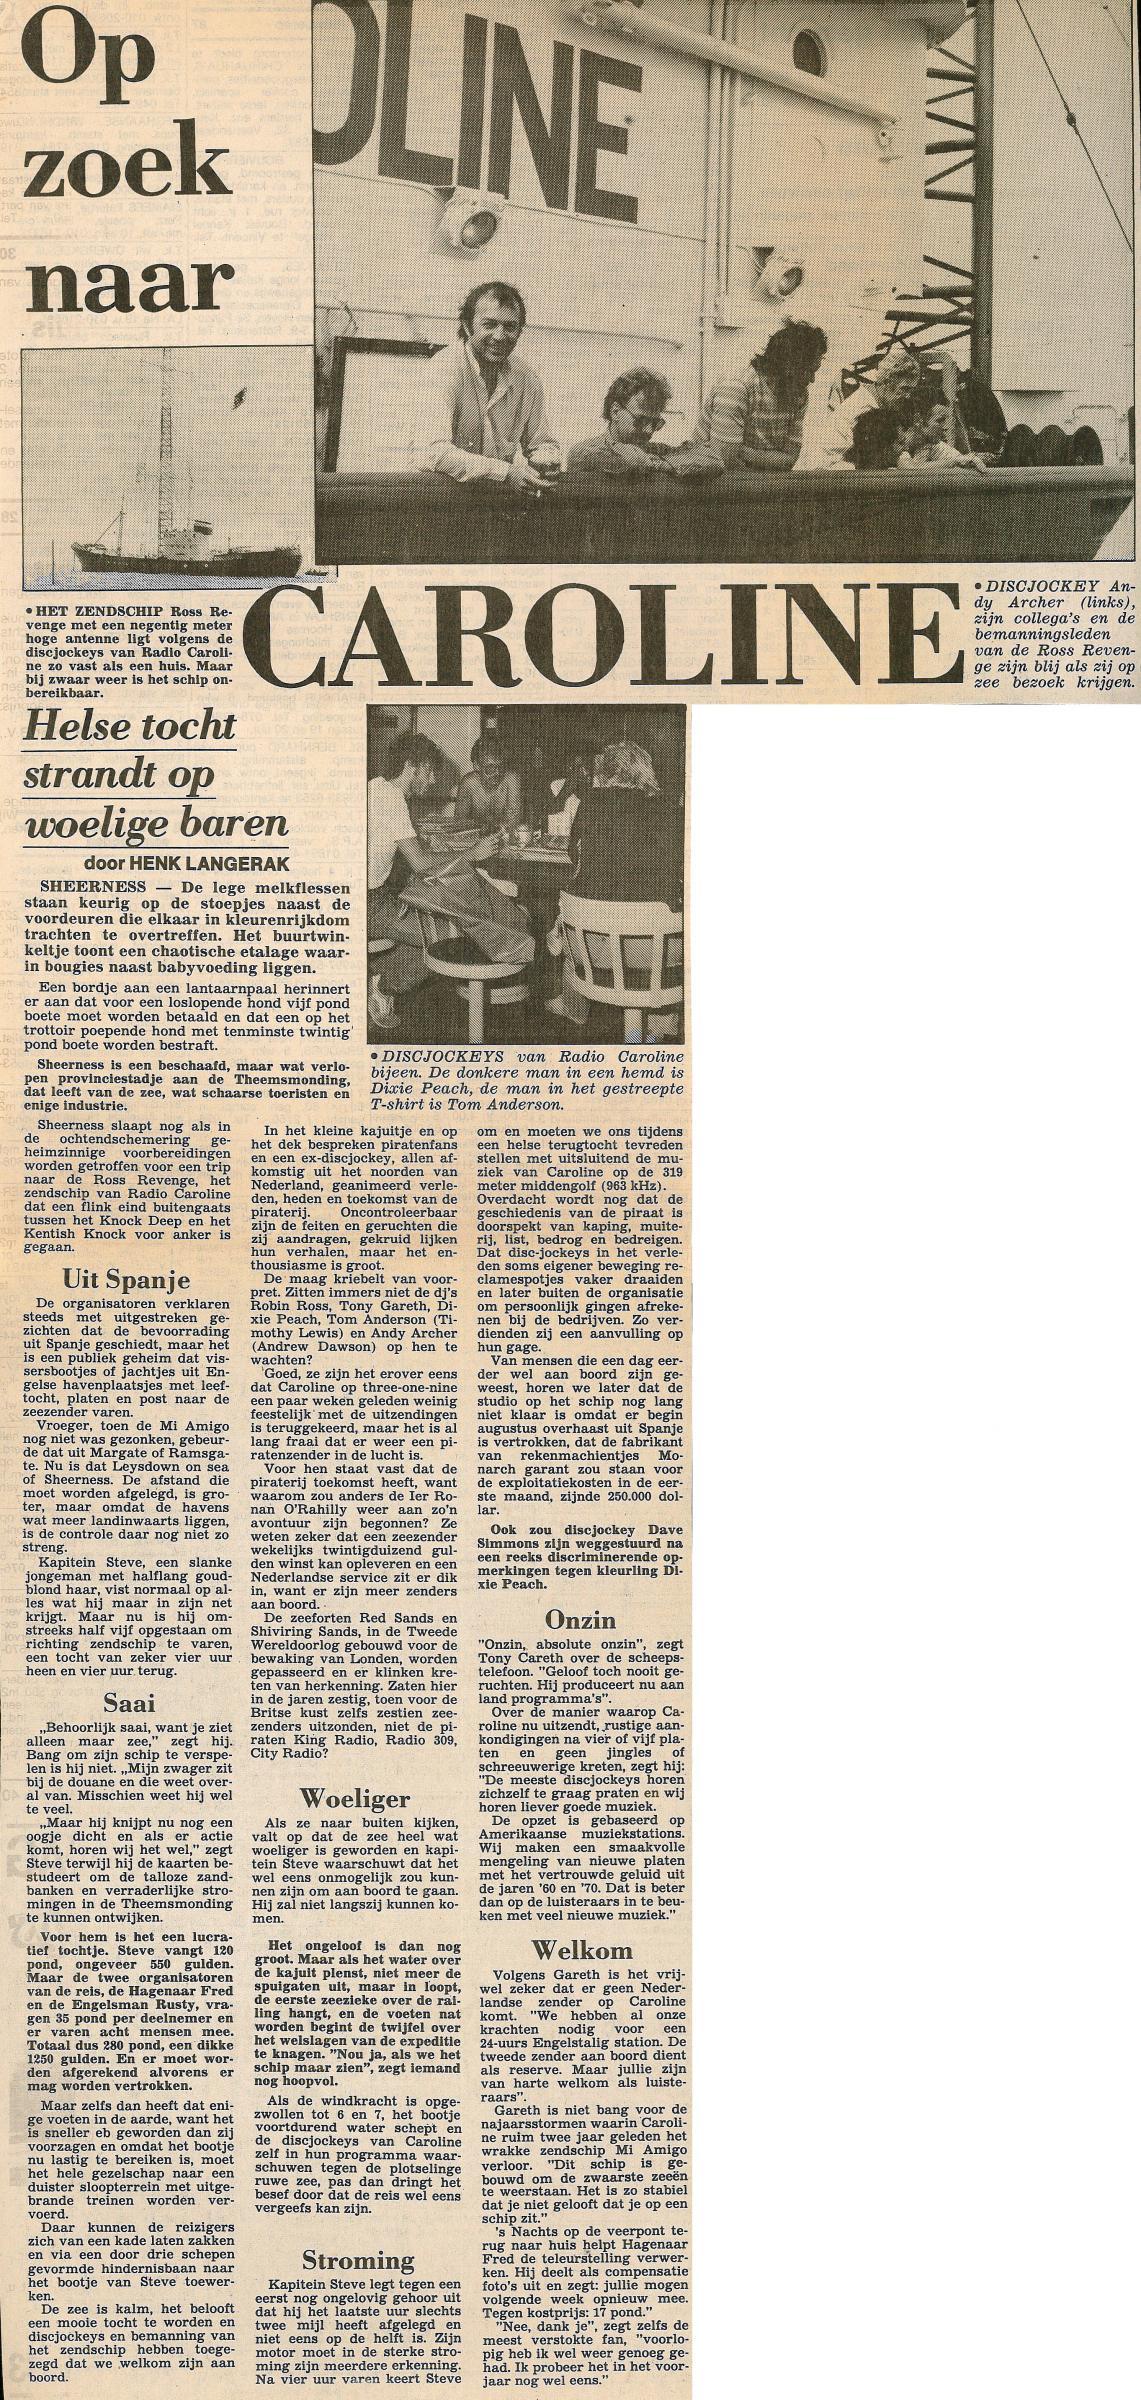 198308_AD Op zoek naar Caroline.jpg